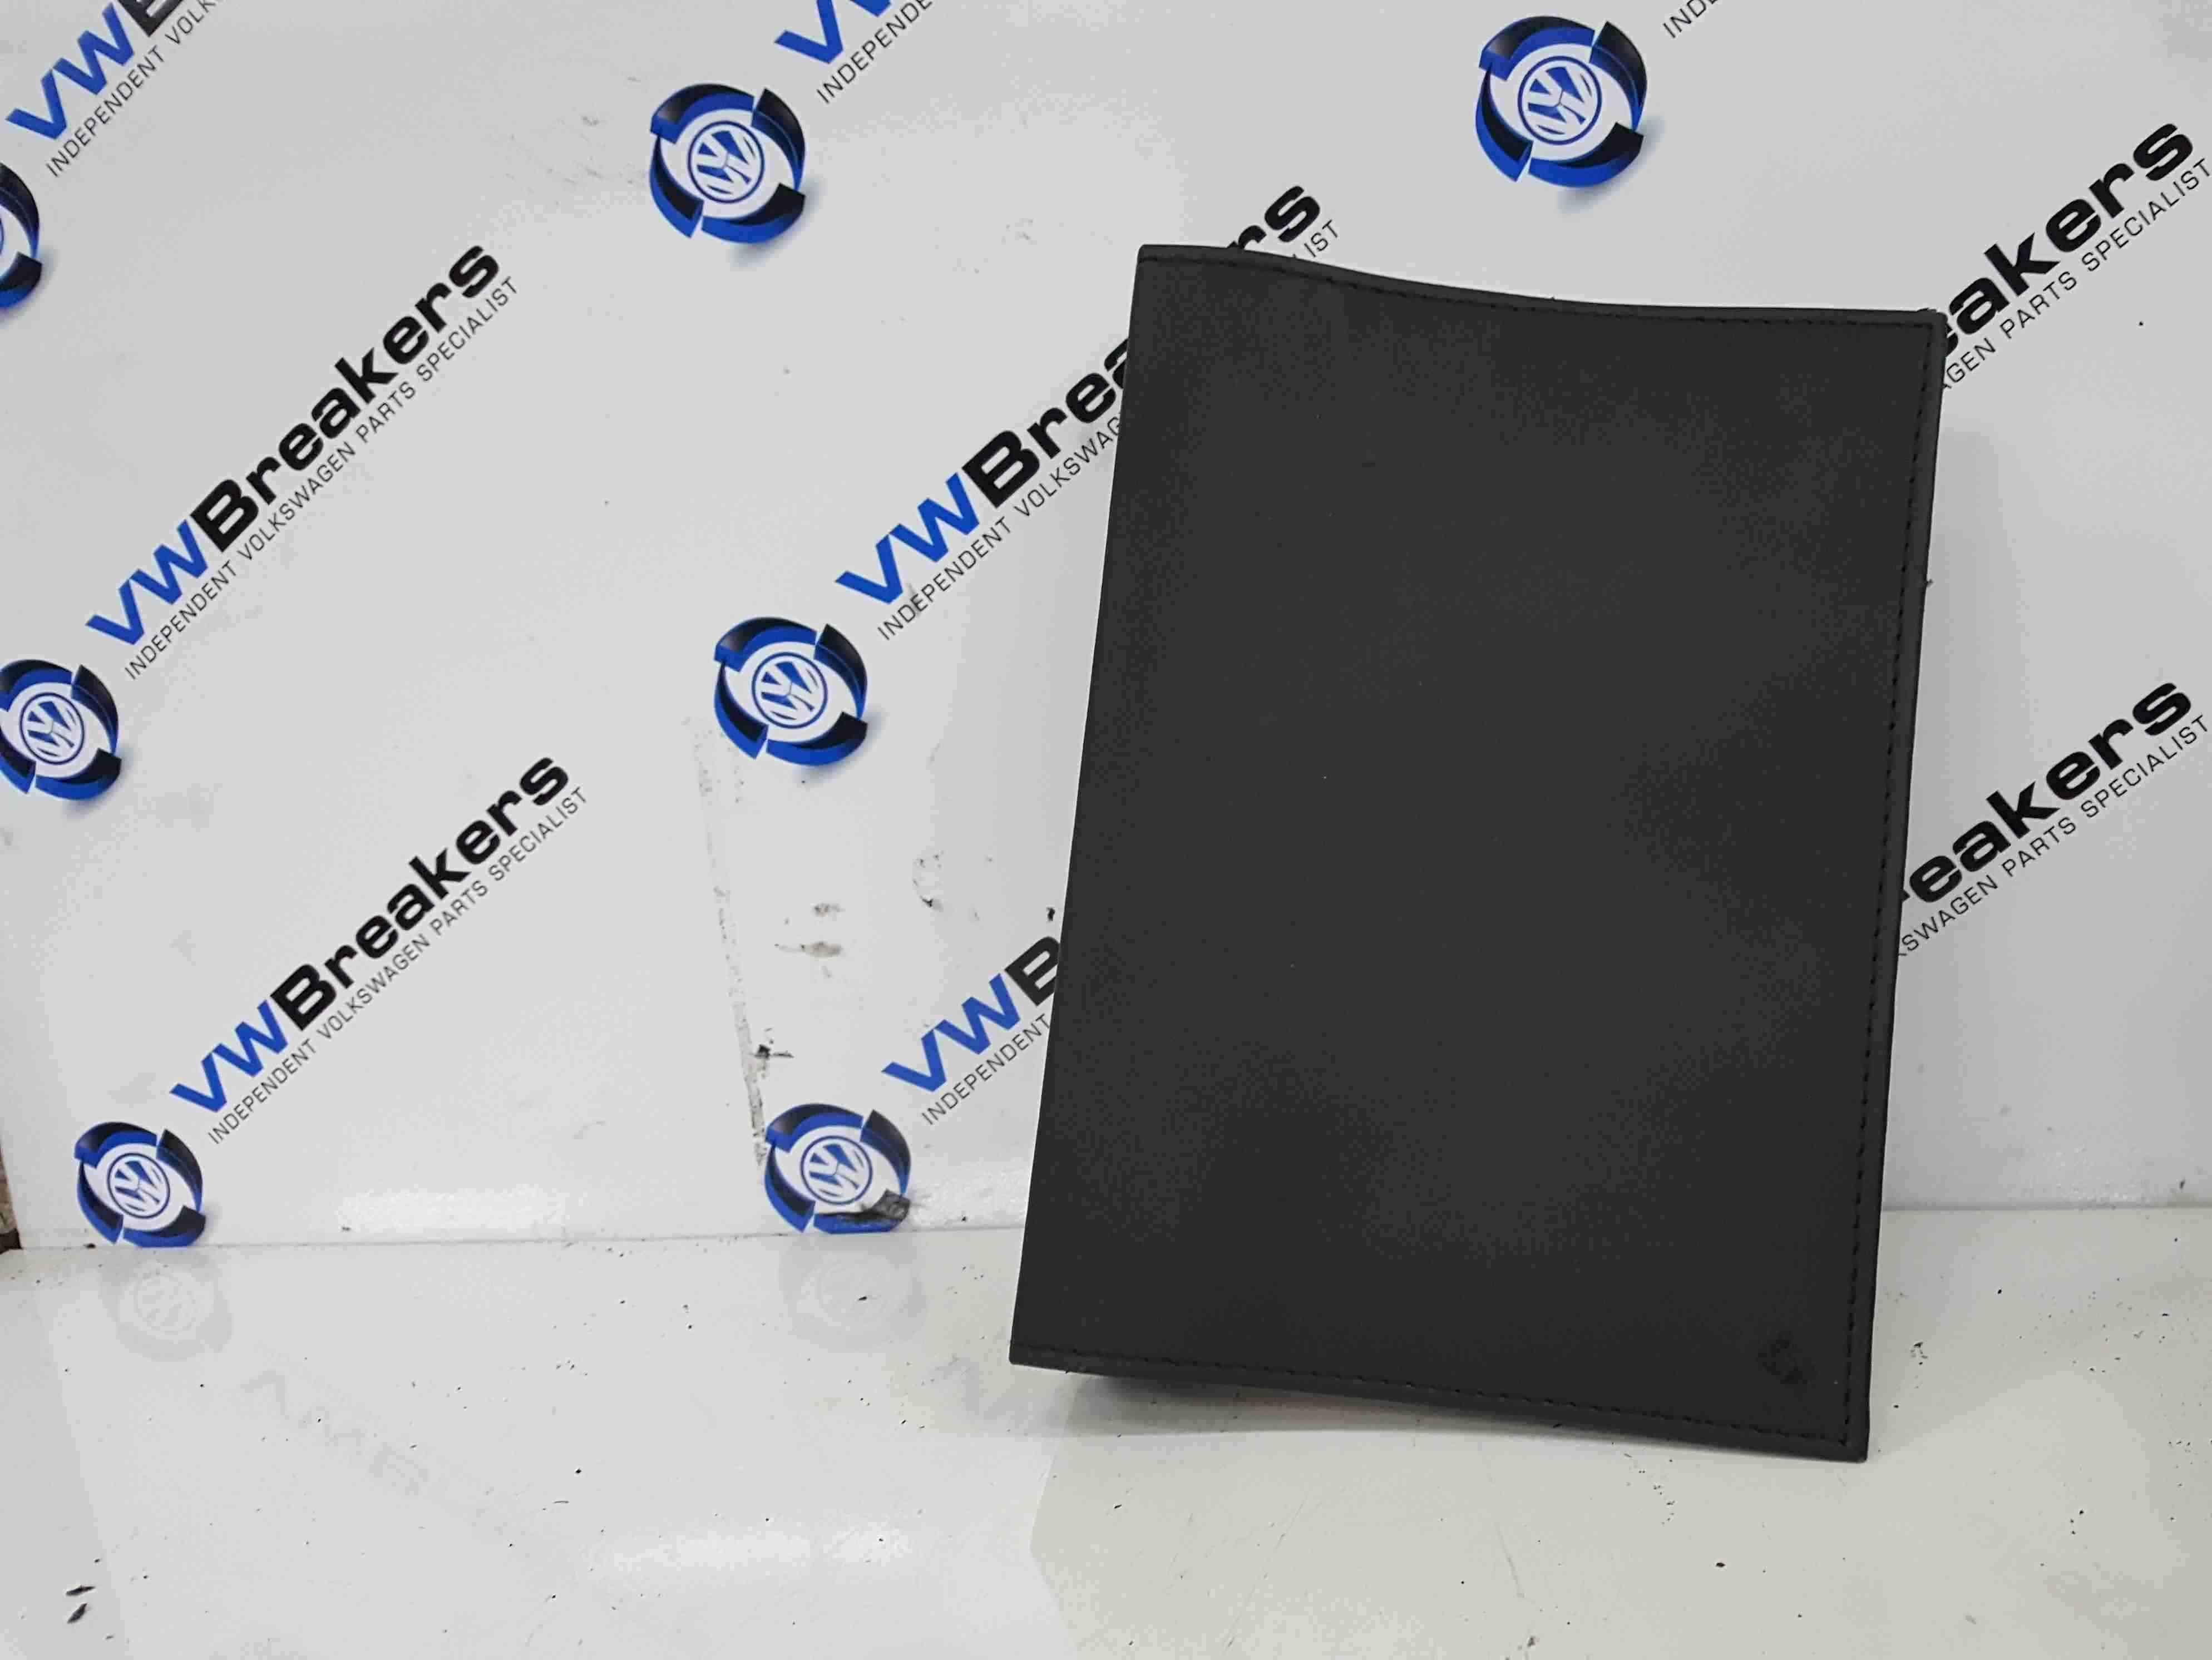 Volkswagen Golf MK6 2009-2012 Document Wallet Guides